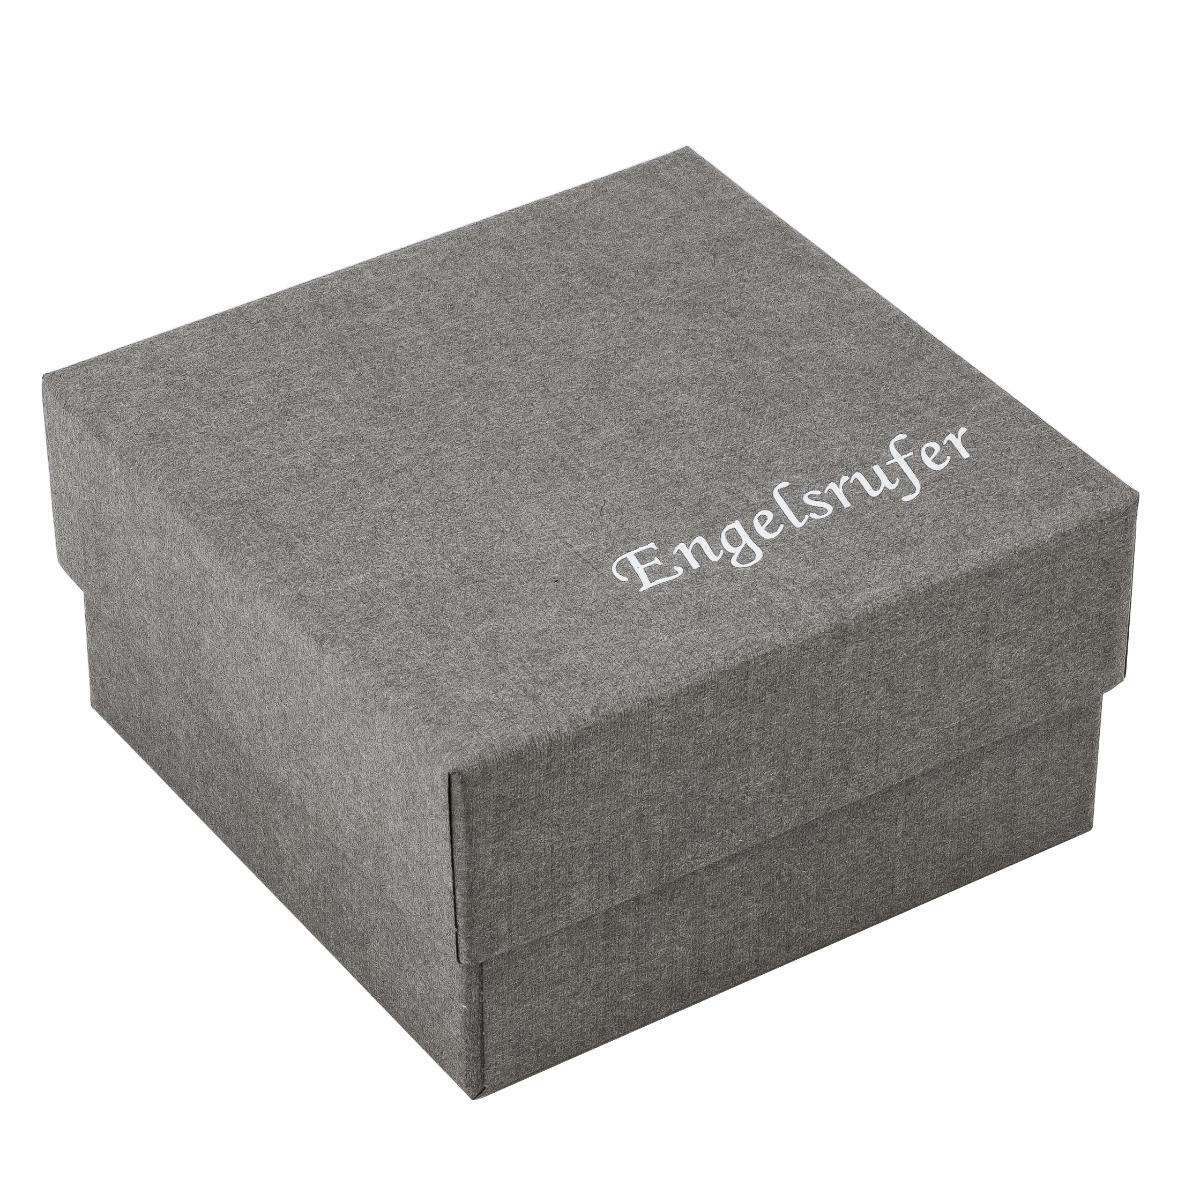 Engelsrufer Box nachhaltig